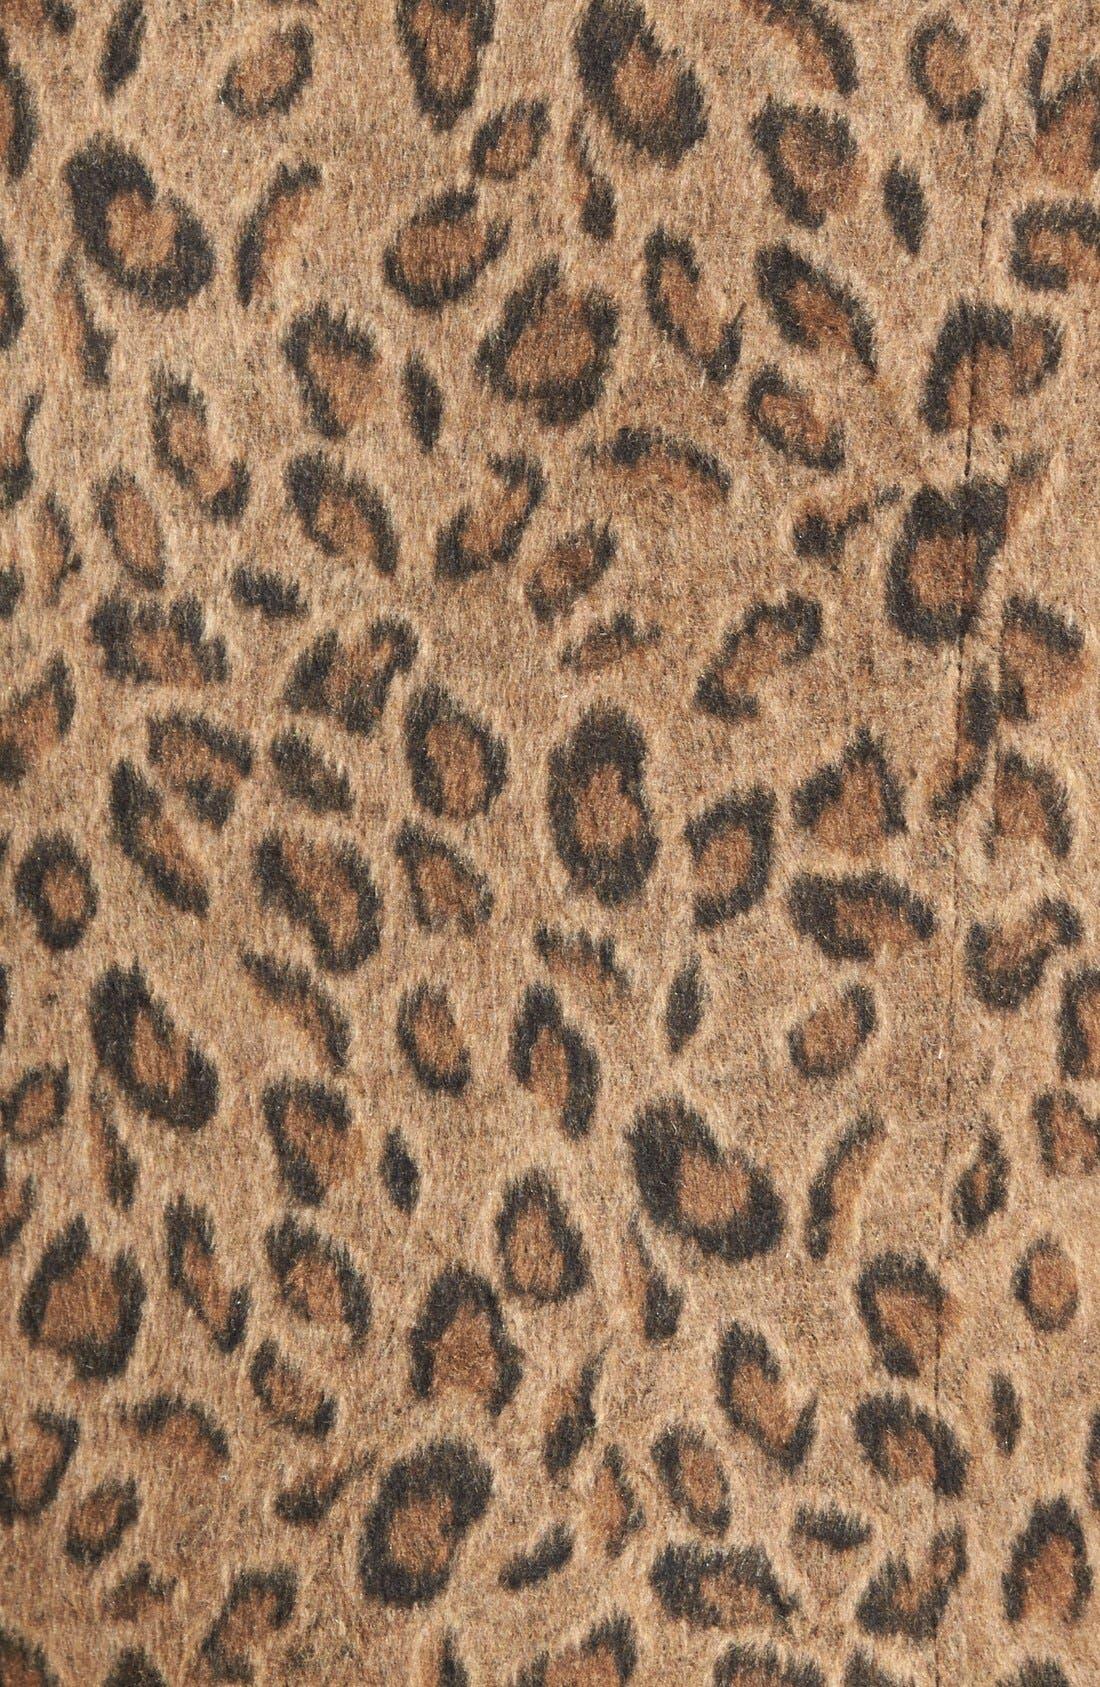 Leopard Print Moto Jacket,                             Alternate thumbnail 5, color,                             Tan Dale Leopard